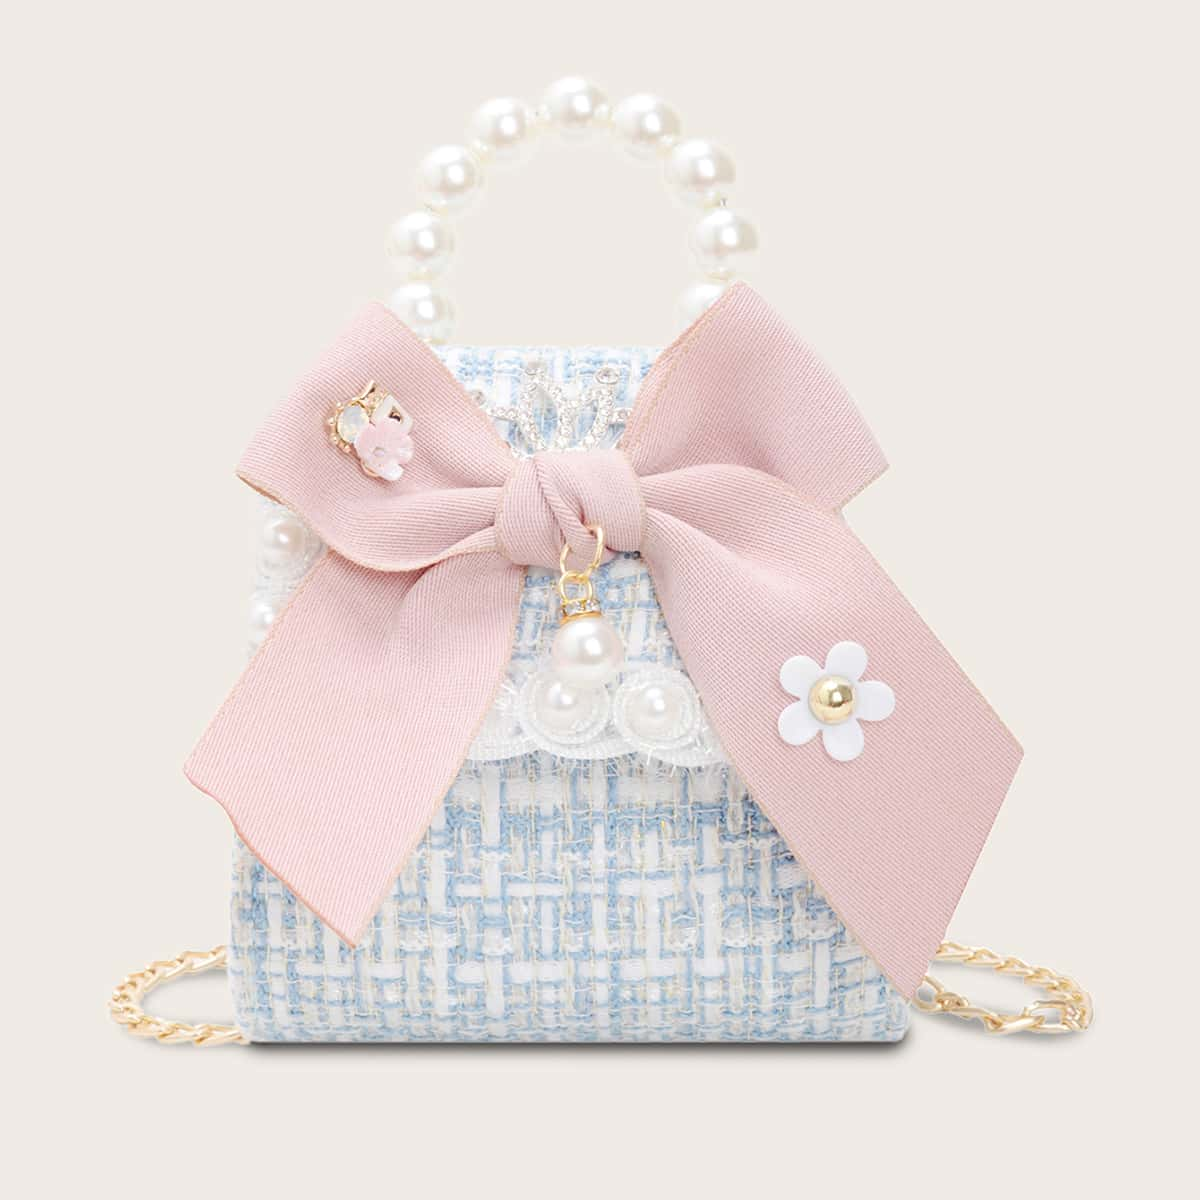 Peuter meisjes Mini Bow Decor Faux parel handvat tas